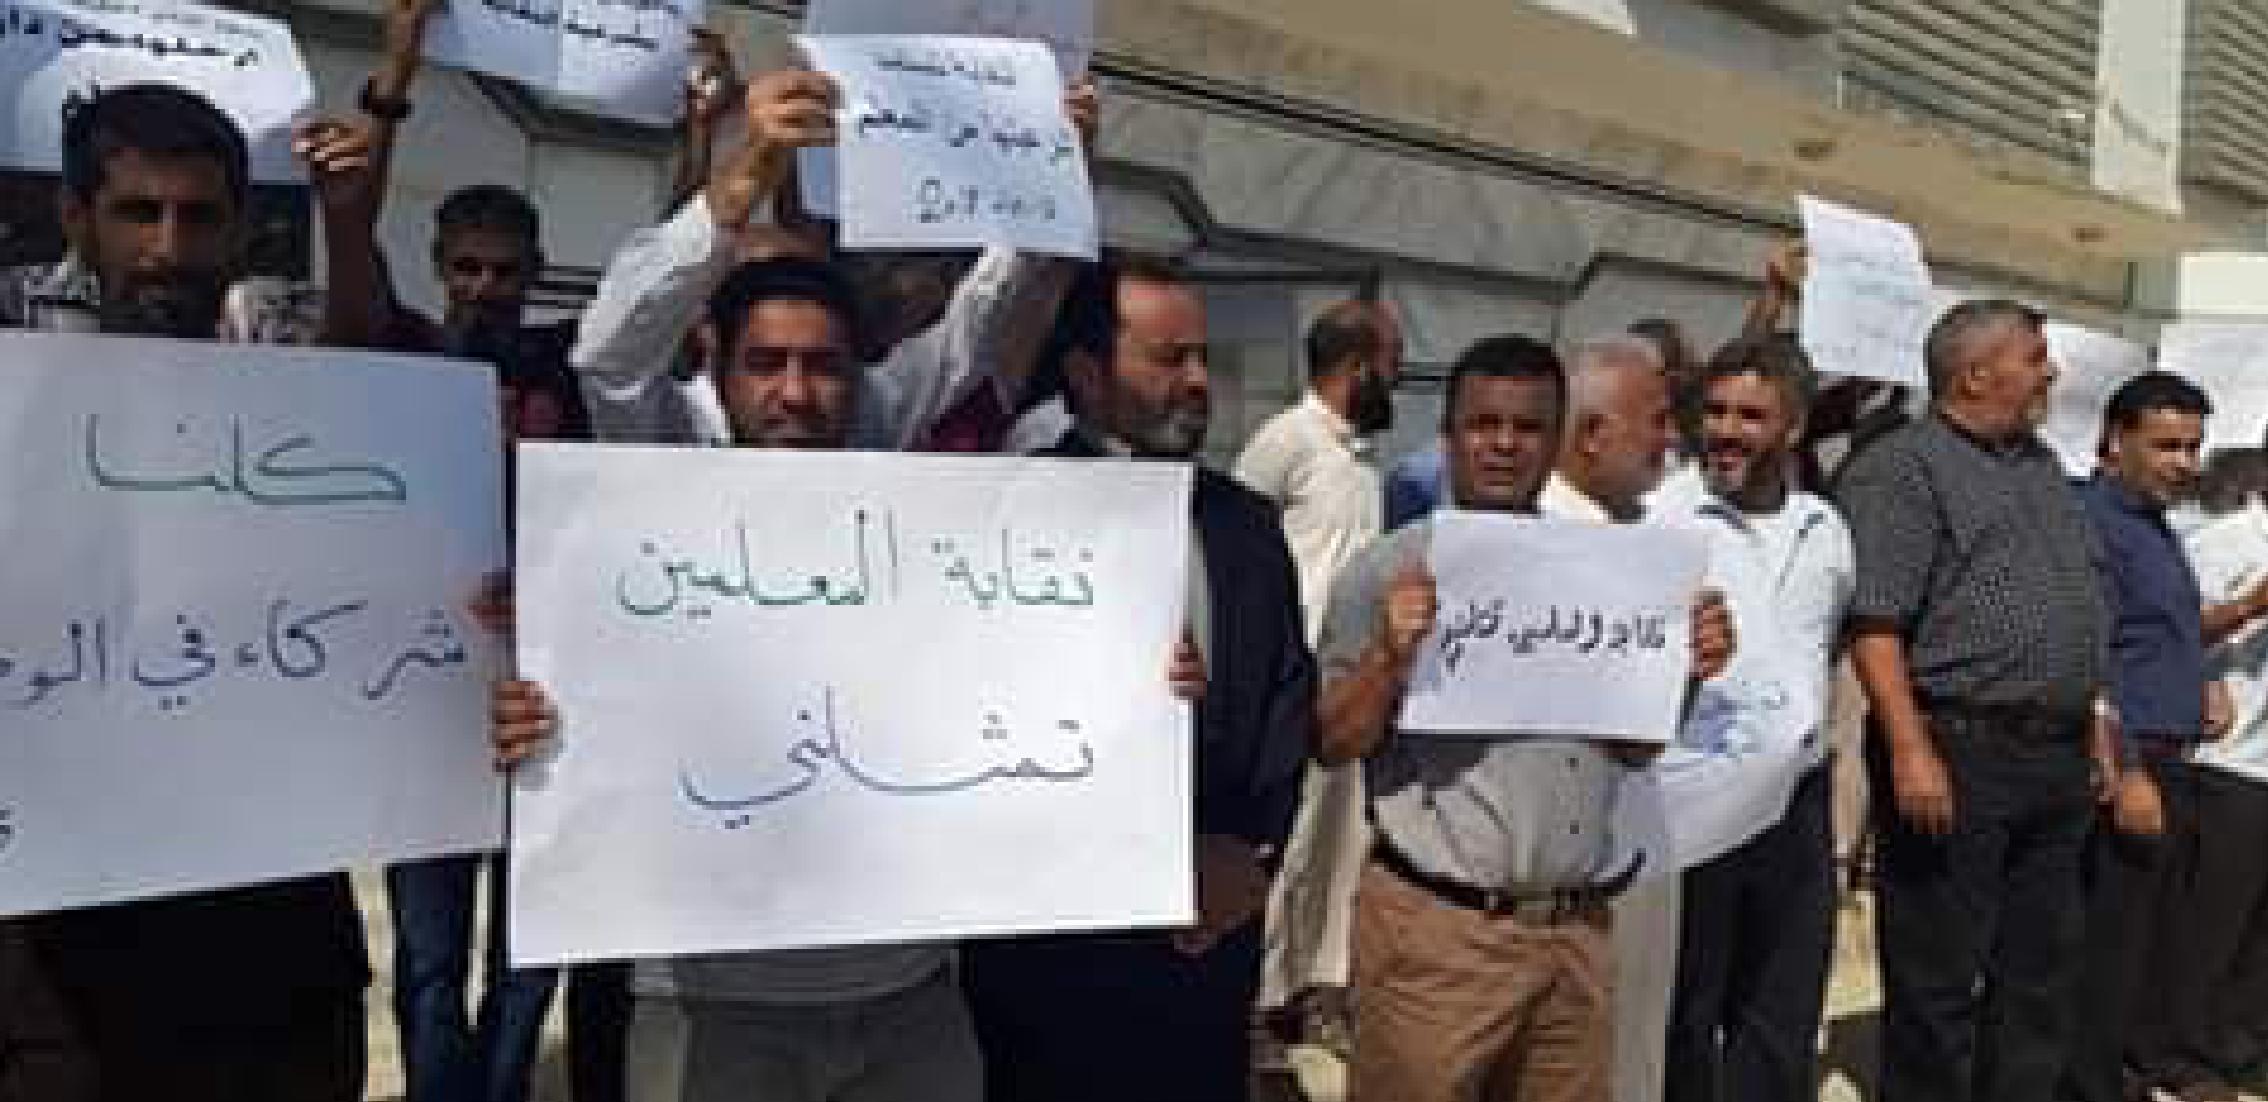 النقابة العامة لمعلمي ليبيا - صور أرشيفية